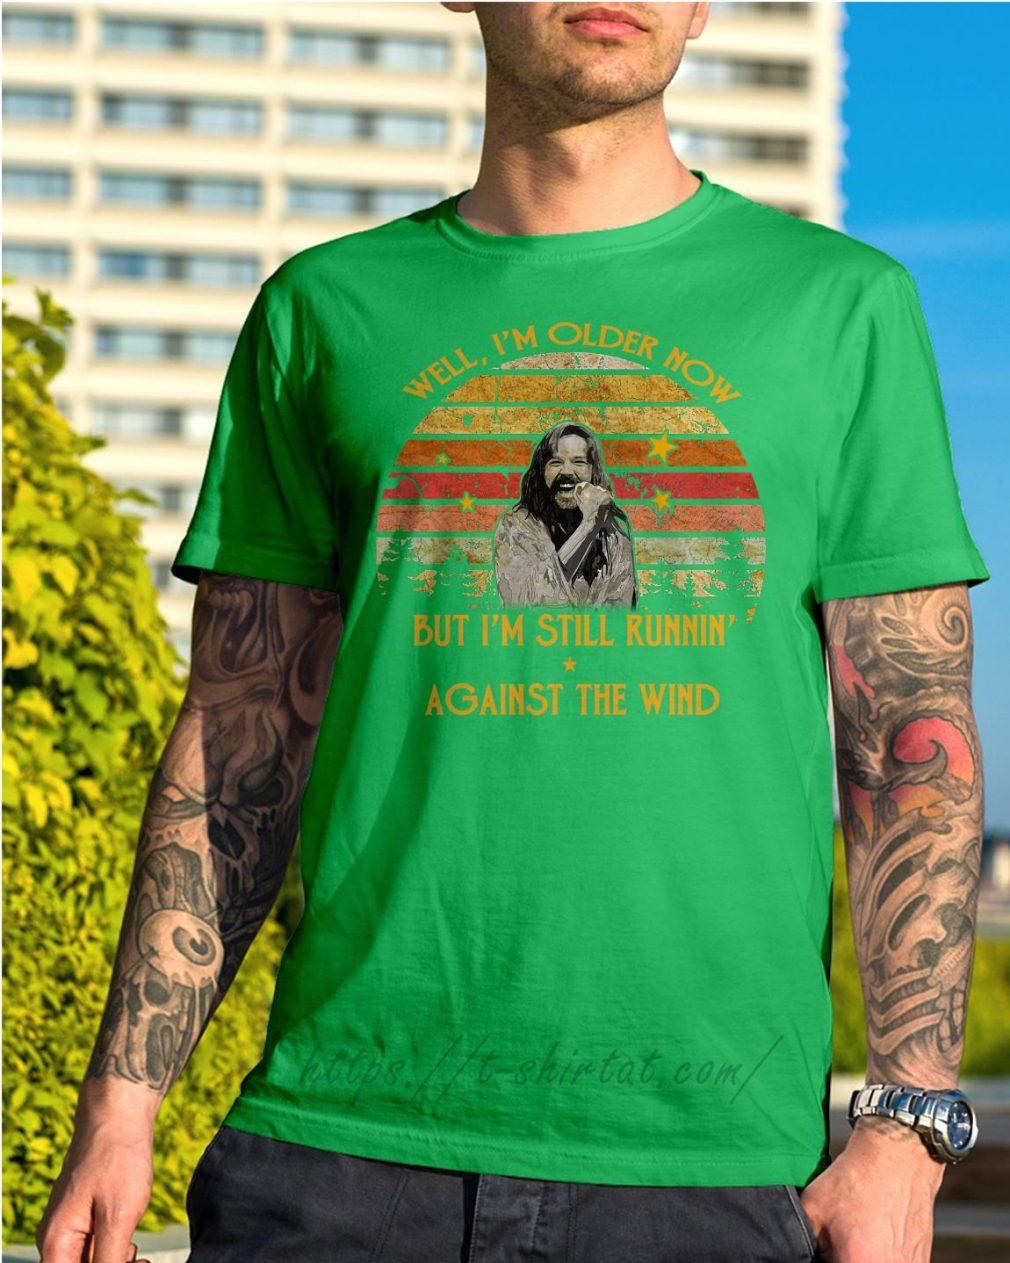 Bob Seger well I'm older now but I'm still runnin' against the wind Shirt Green